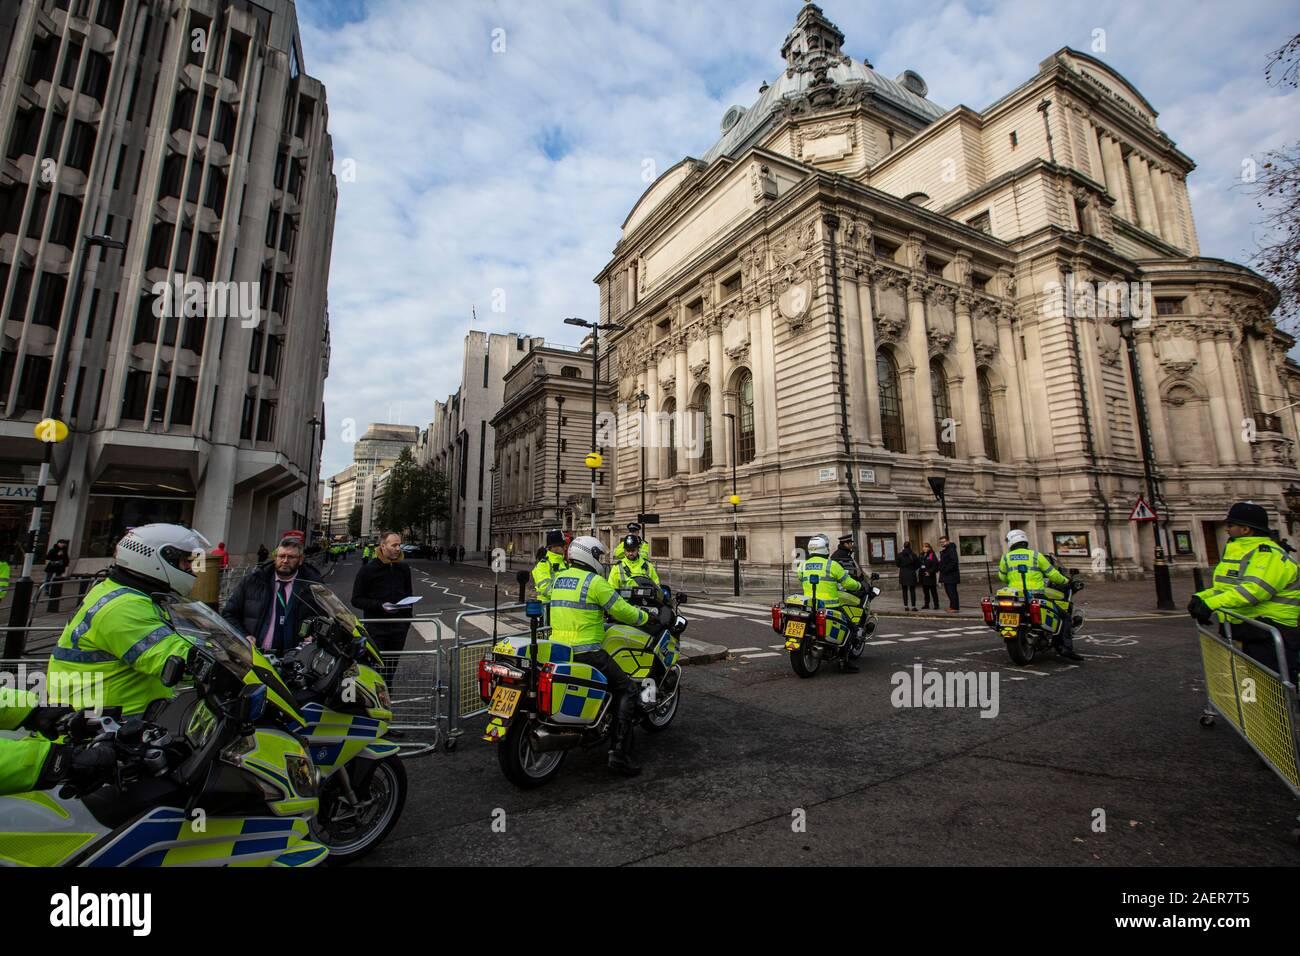 Les manifestants se rassembleront à Trafalgar Square 70e anniversaire de l'OTAN contre sommet et Président américain Donald Trump's visite à London, England, UK Banque D'Images